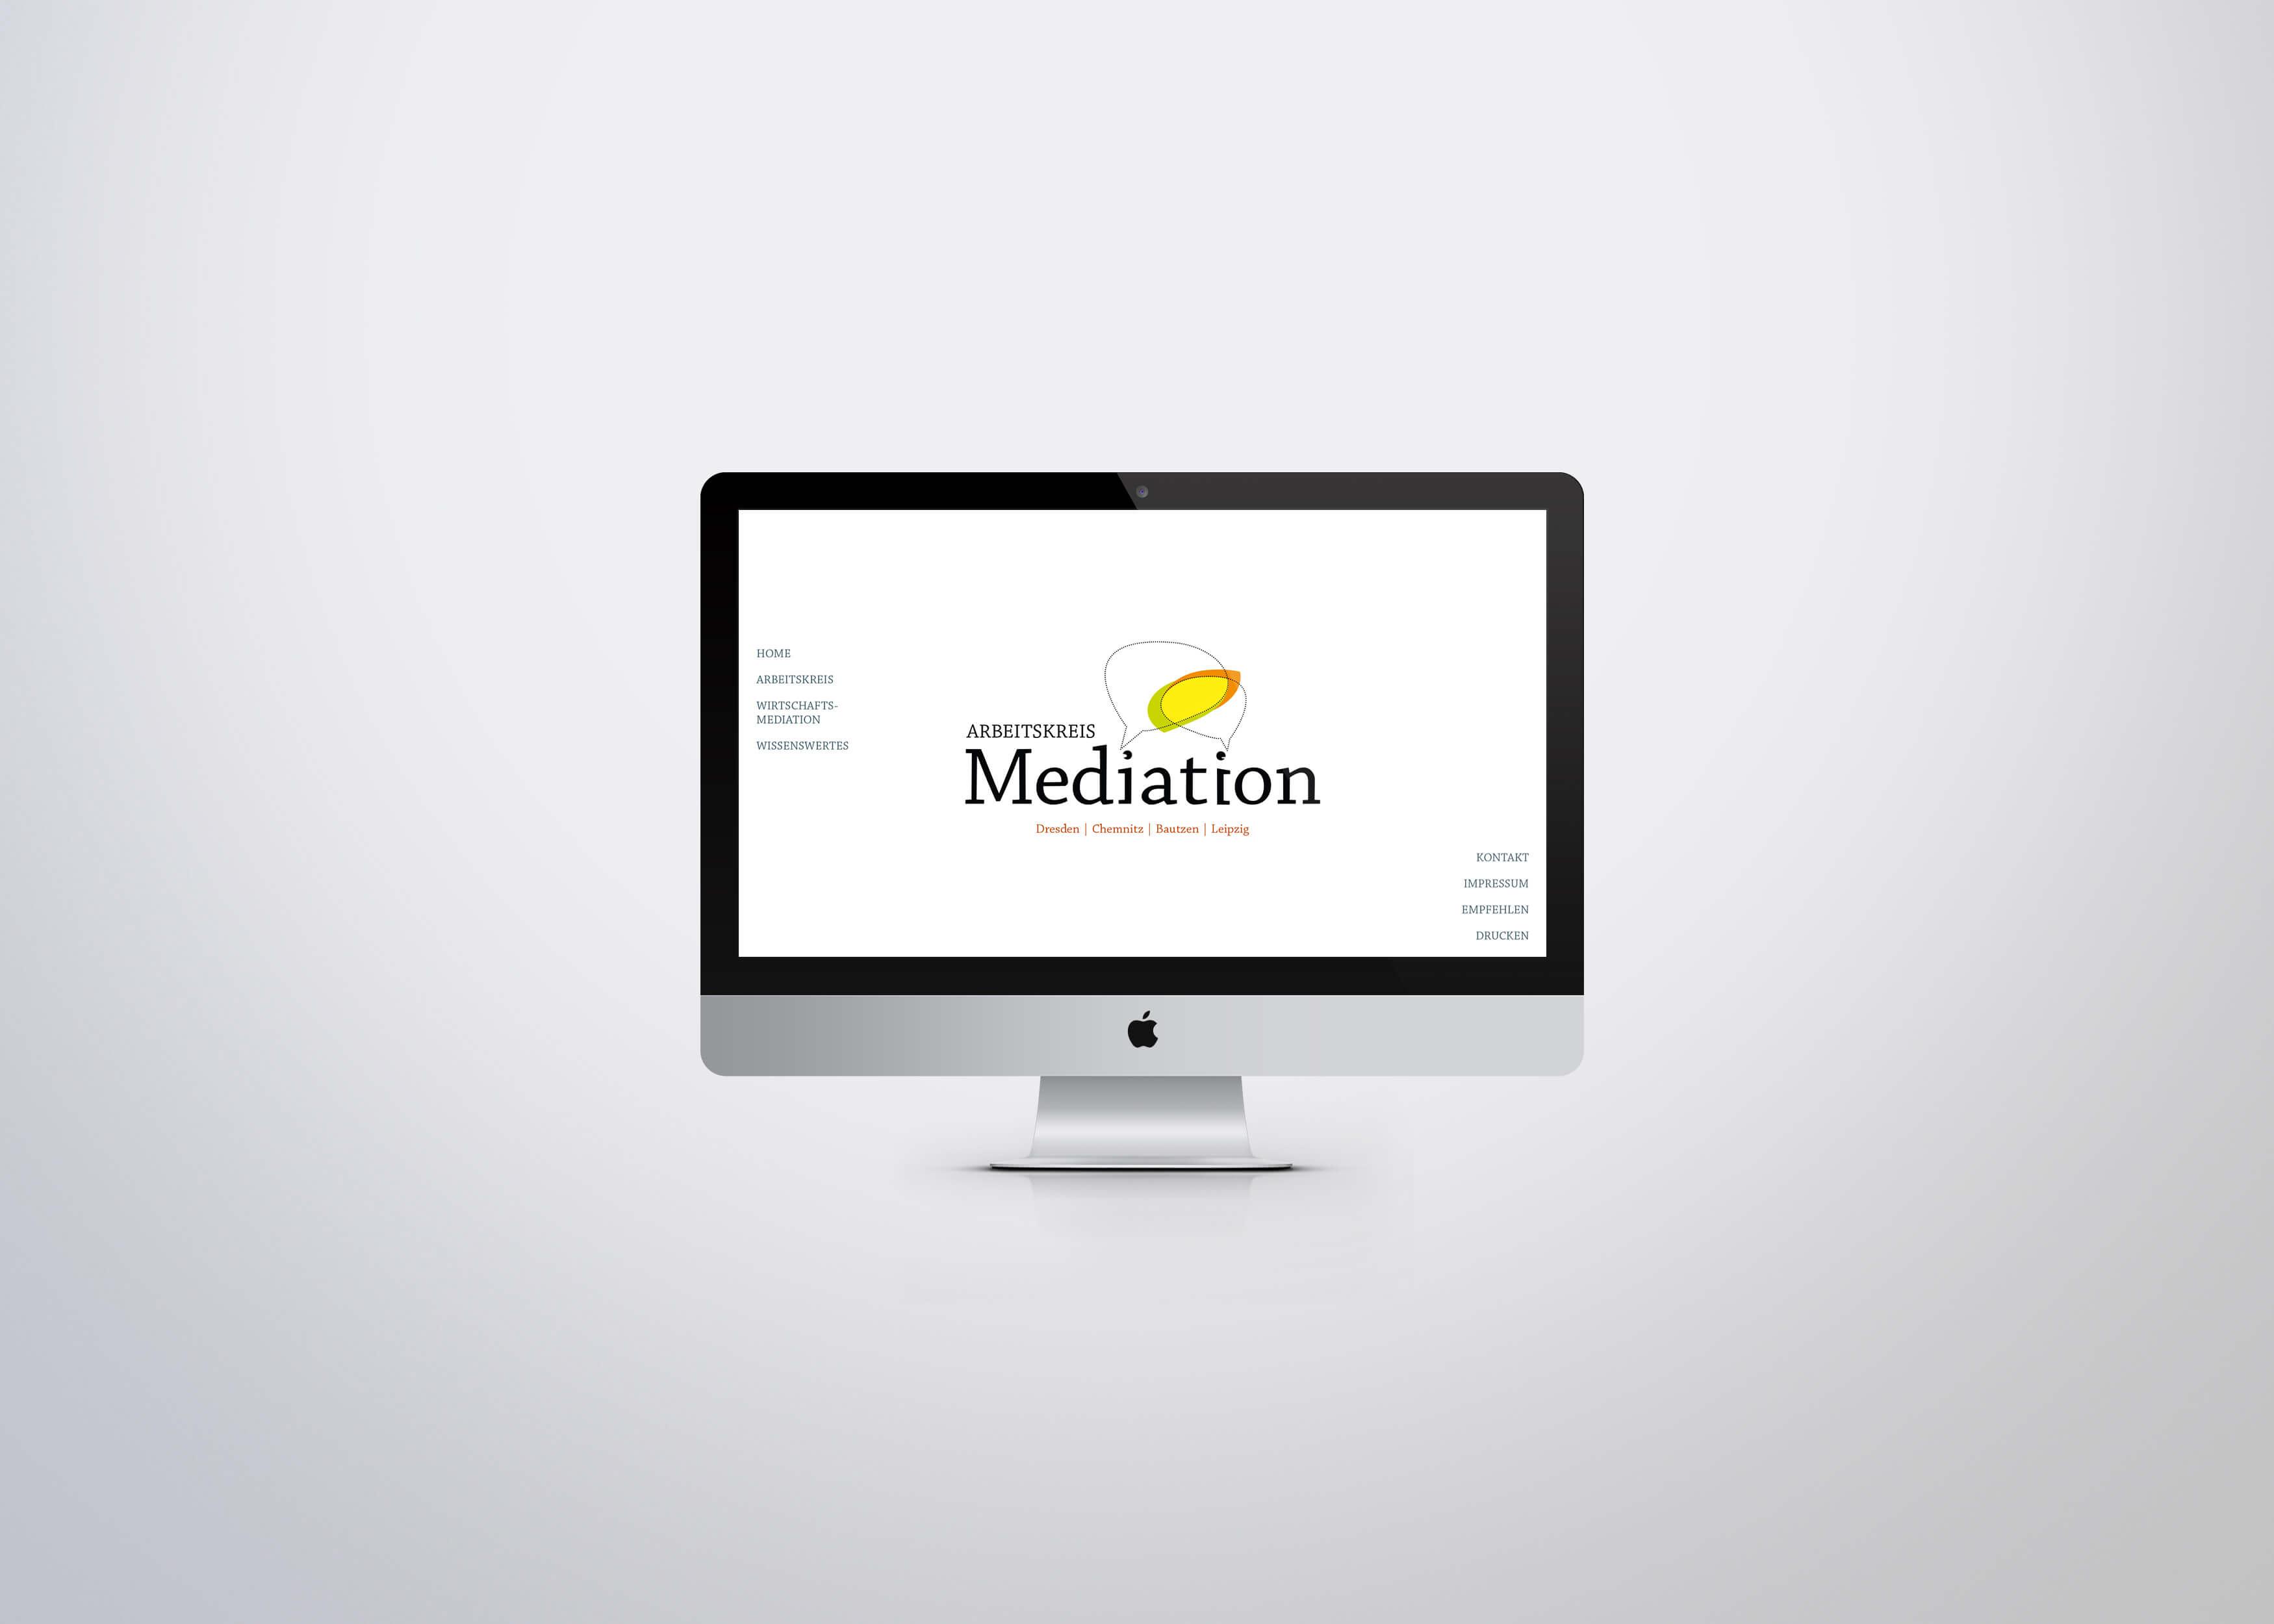 Webdesign_wirtschaftsmediation